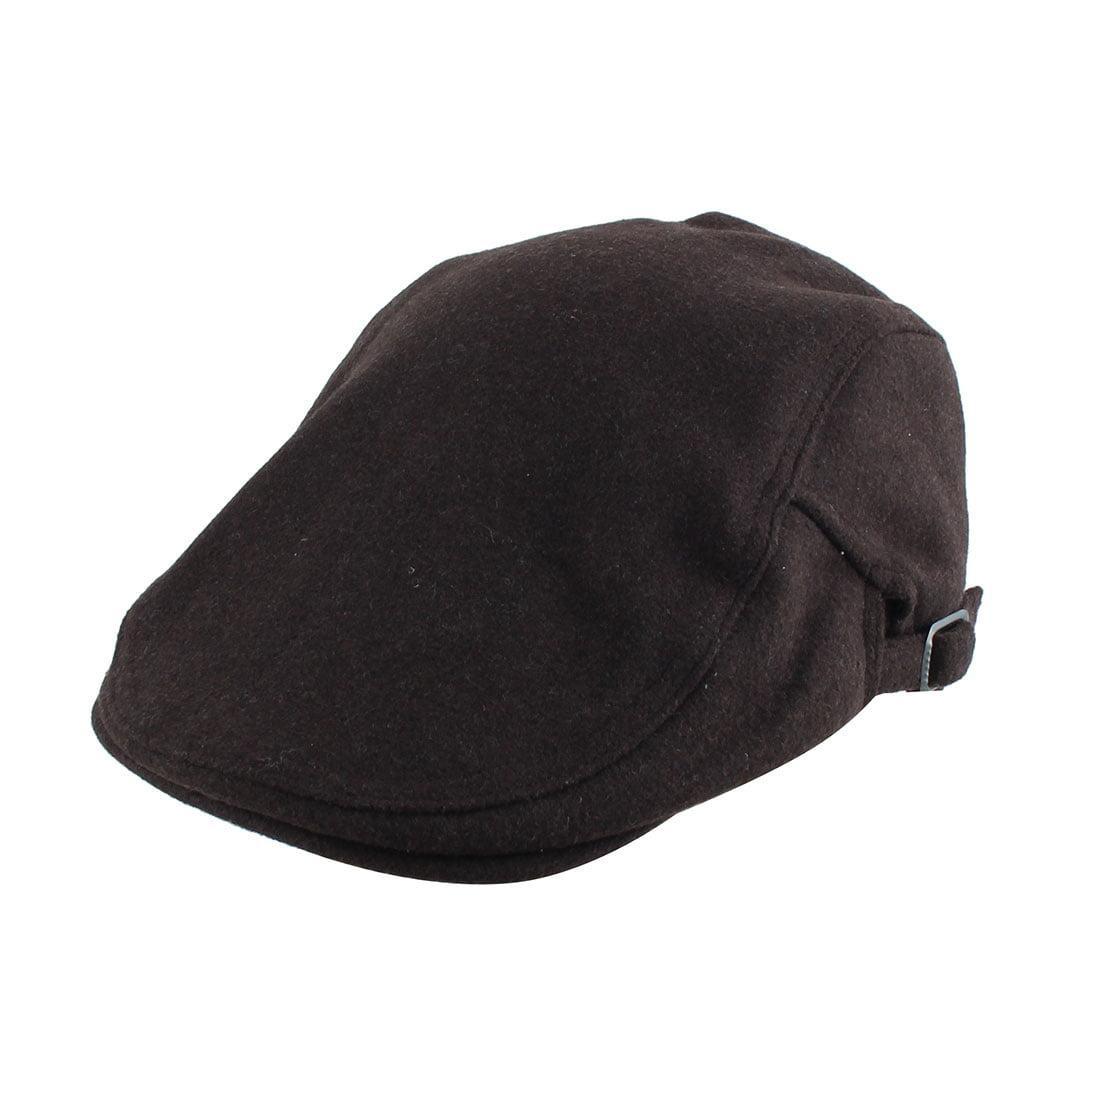 Winter Warm Newsboy Duckbill Ivy Cap Driving Golf Flat Beret Hat ... 412175ae081